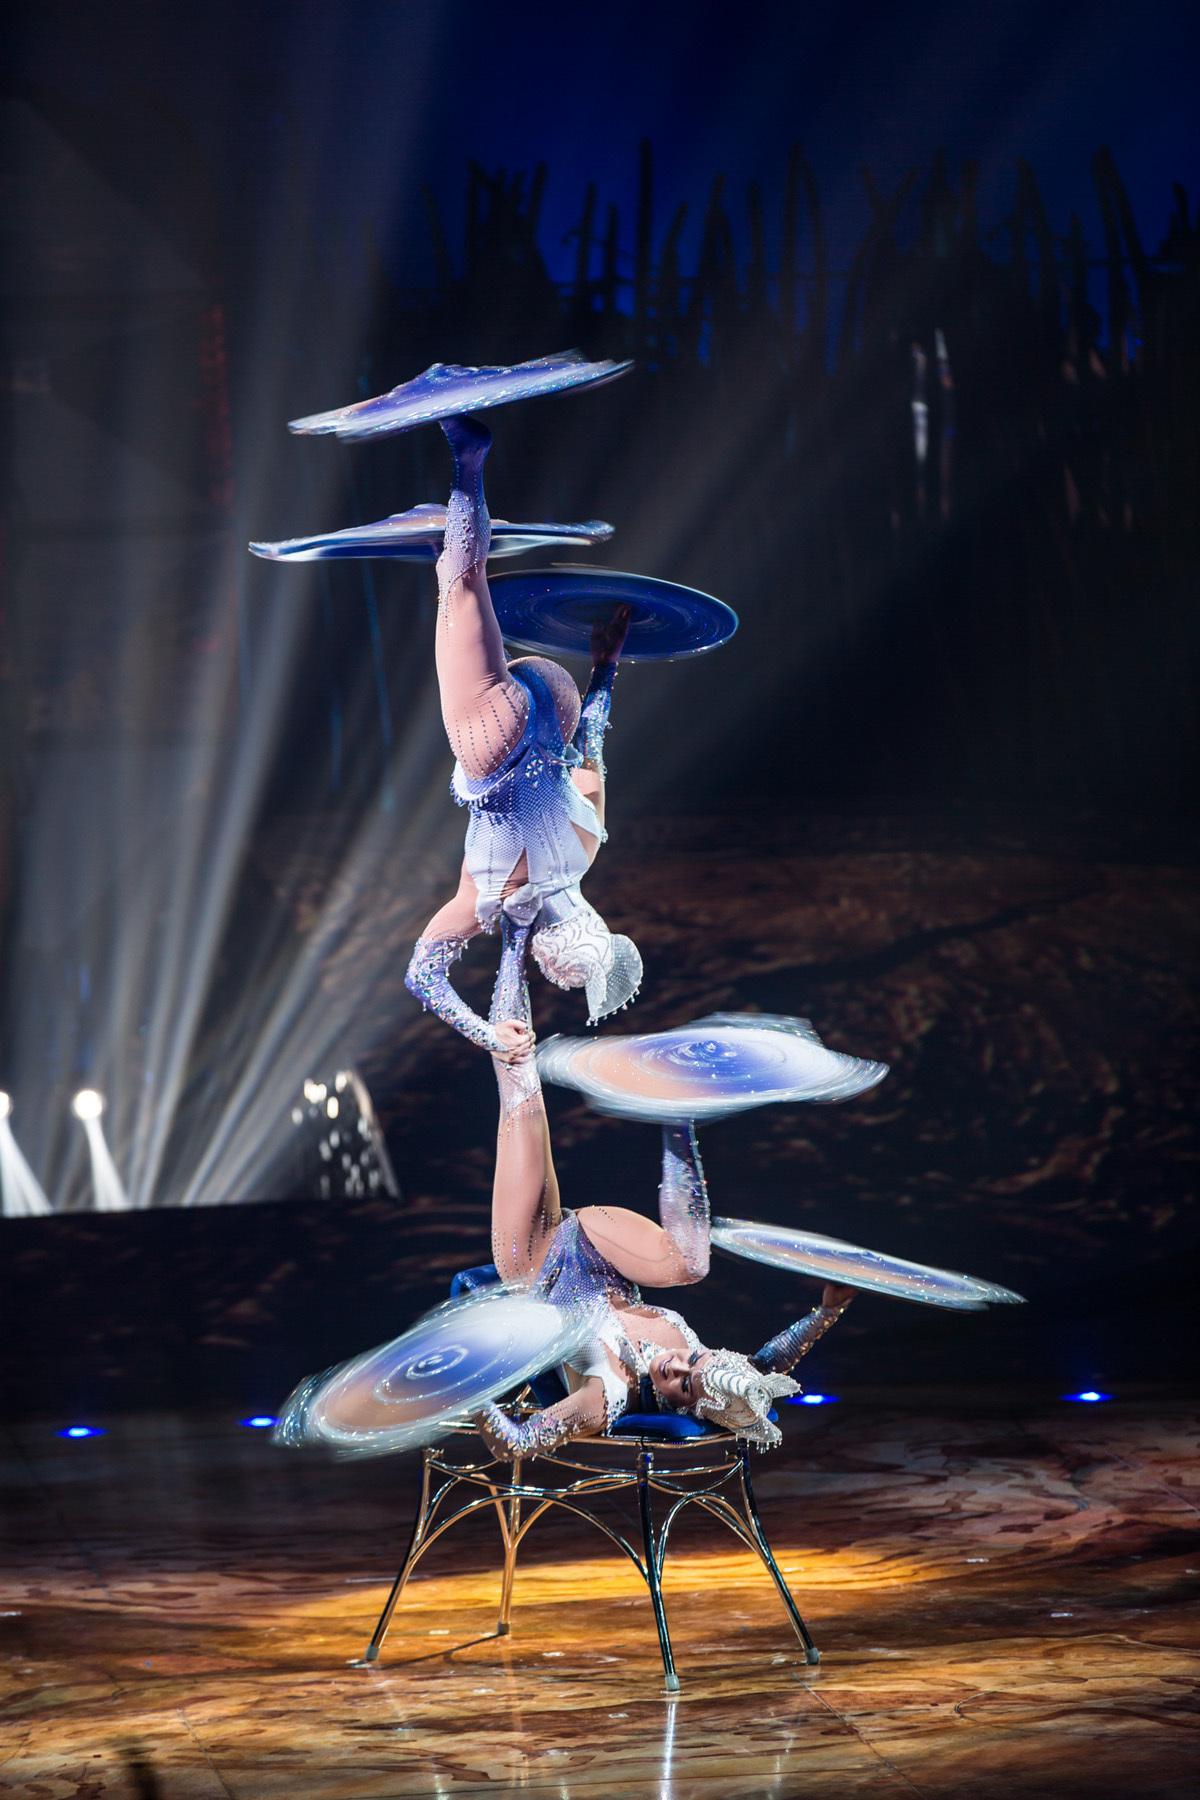 フット・ジャグリング(クリスタル・レディース) 3 FOOT JUGGLING(CRYSTAL LADIES) Photo: Matt Beard Costumes: Kym Barrett © 2014 Cirque du Soleil